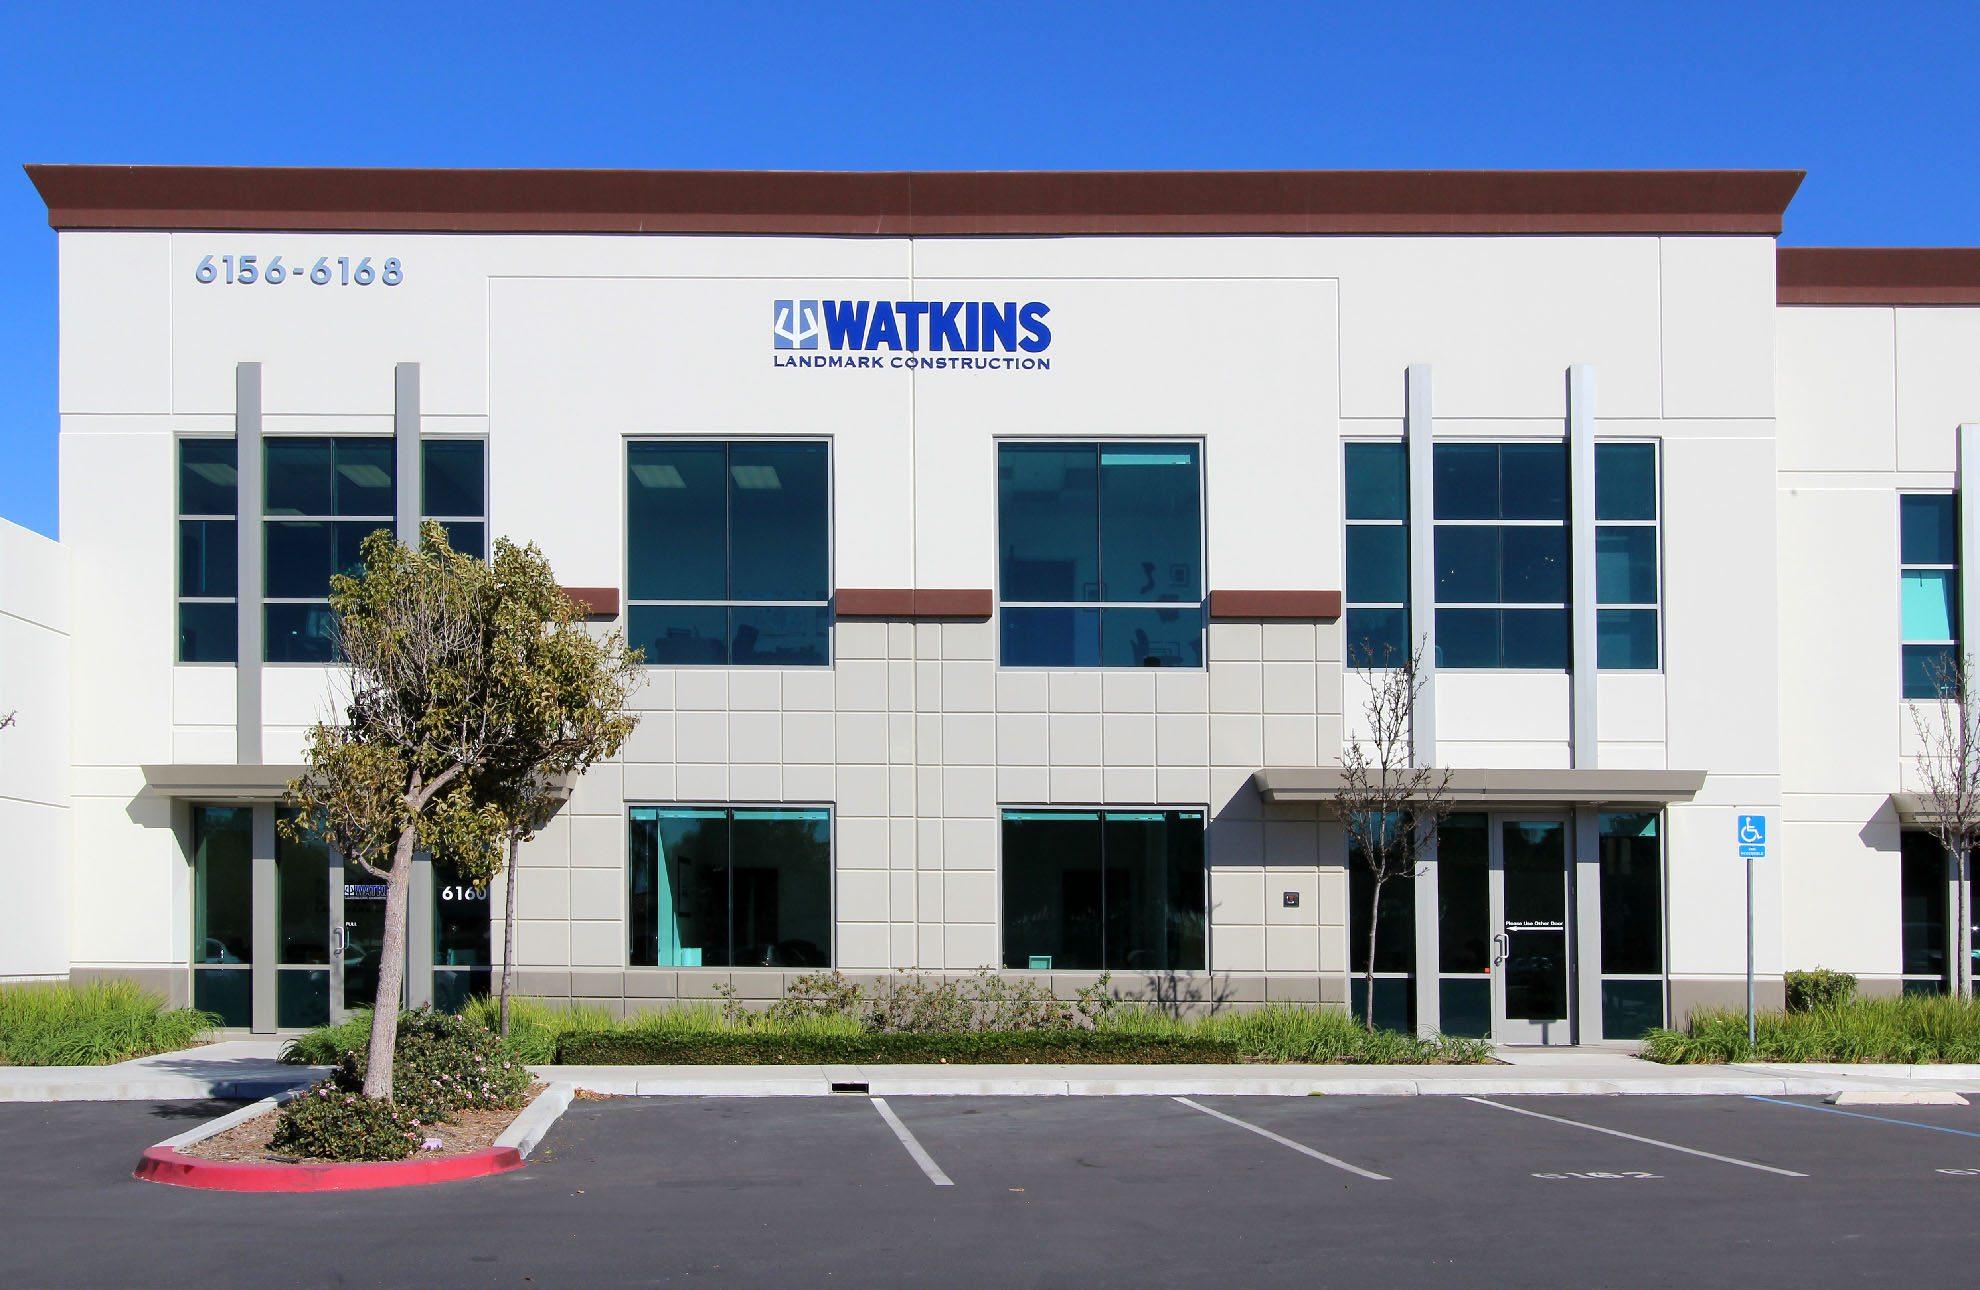 watkins landmark building